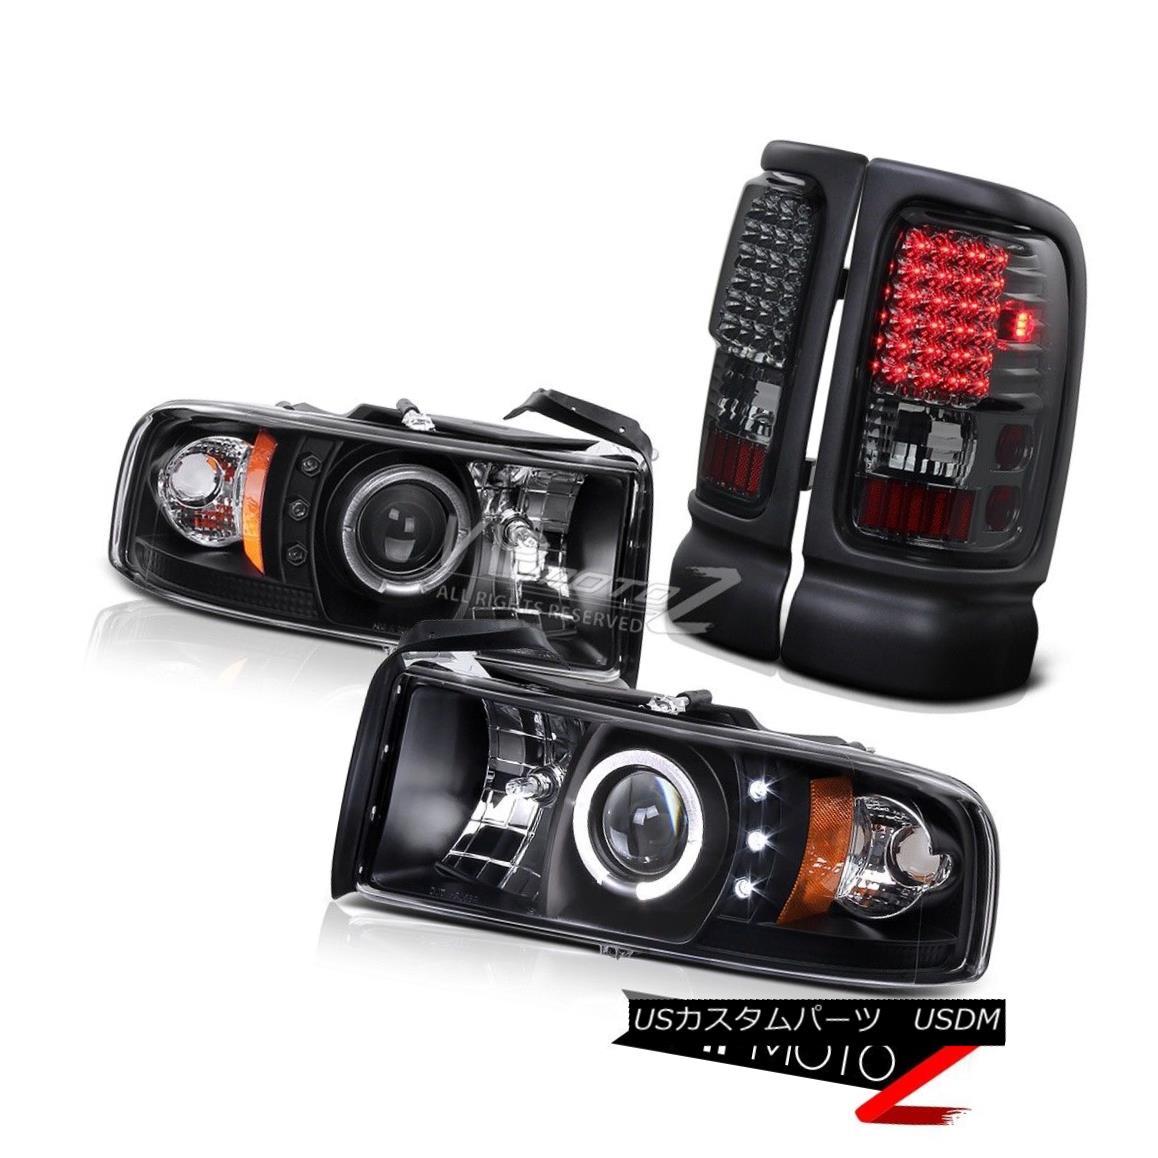 テールライト 94-02 Dodge RAM L+R Halo Projector Black Headlight+Smoke Led Tail Light Lamp 94-02ドッジRAM L + Rハロープロジェクターブラックヘッドライト+スモーク eテールライトランプ